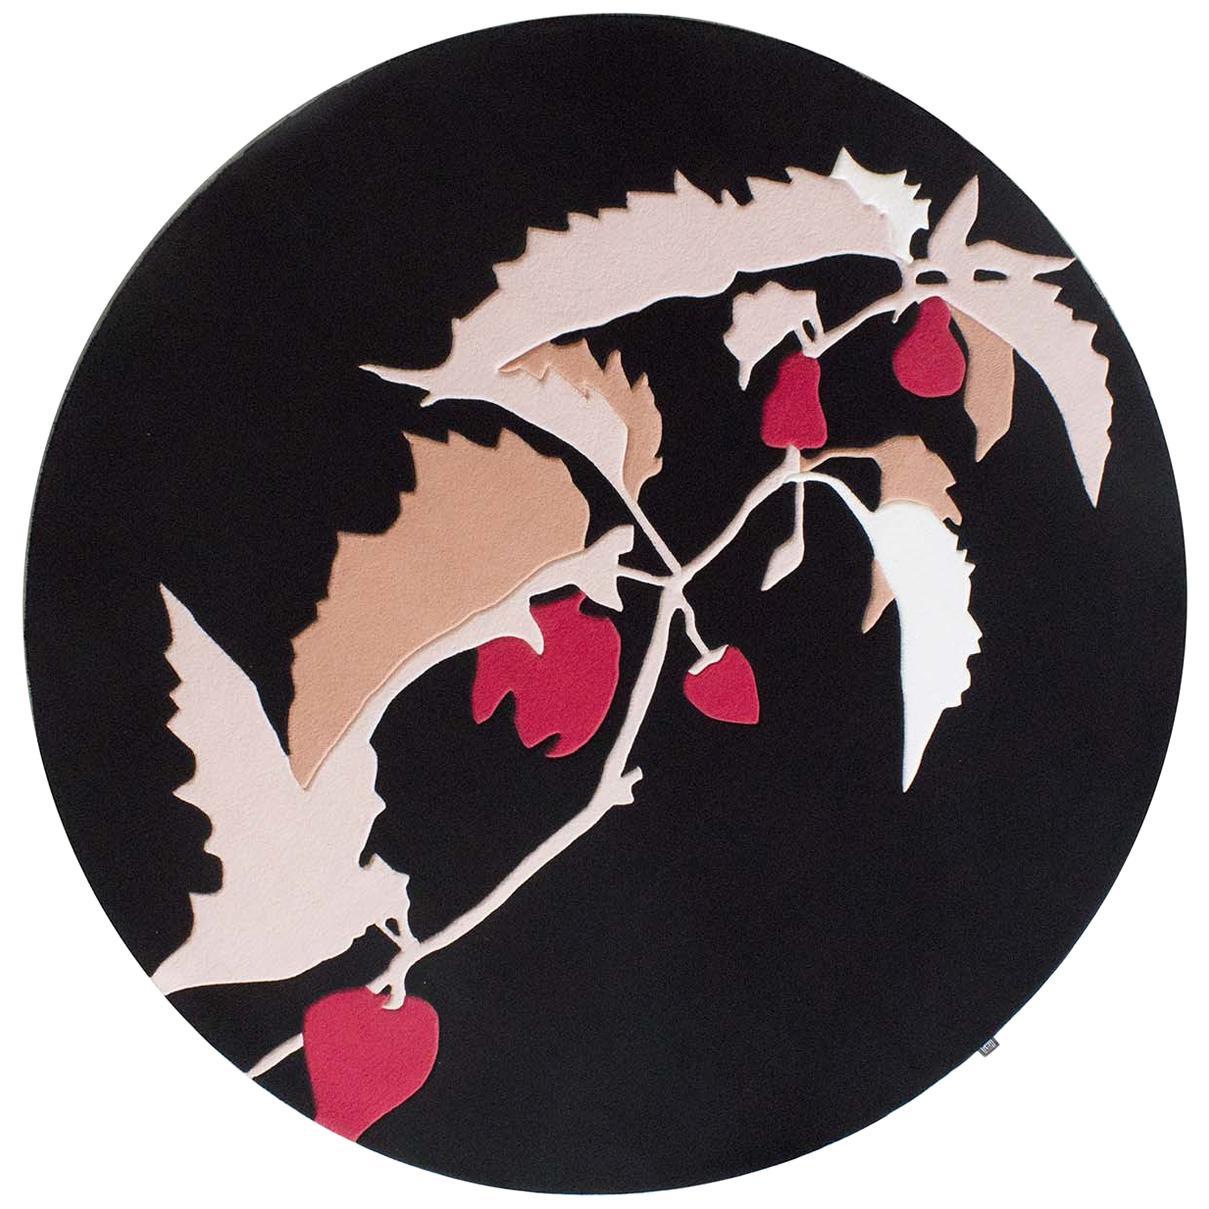 Floralia Rug by Serena Confalonieri